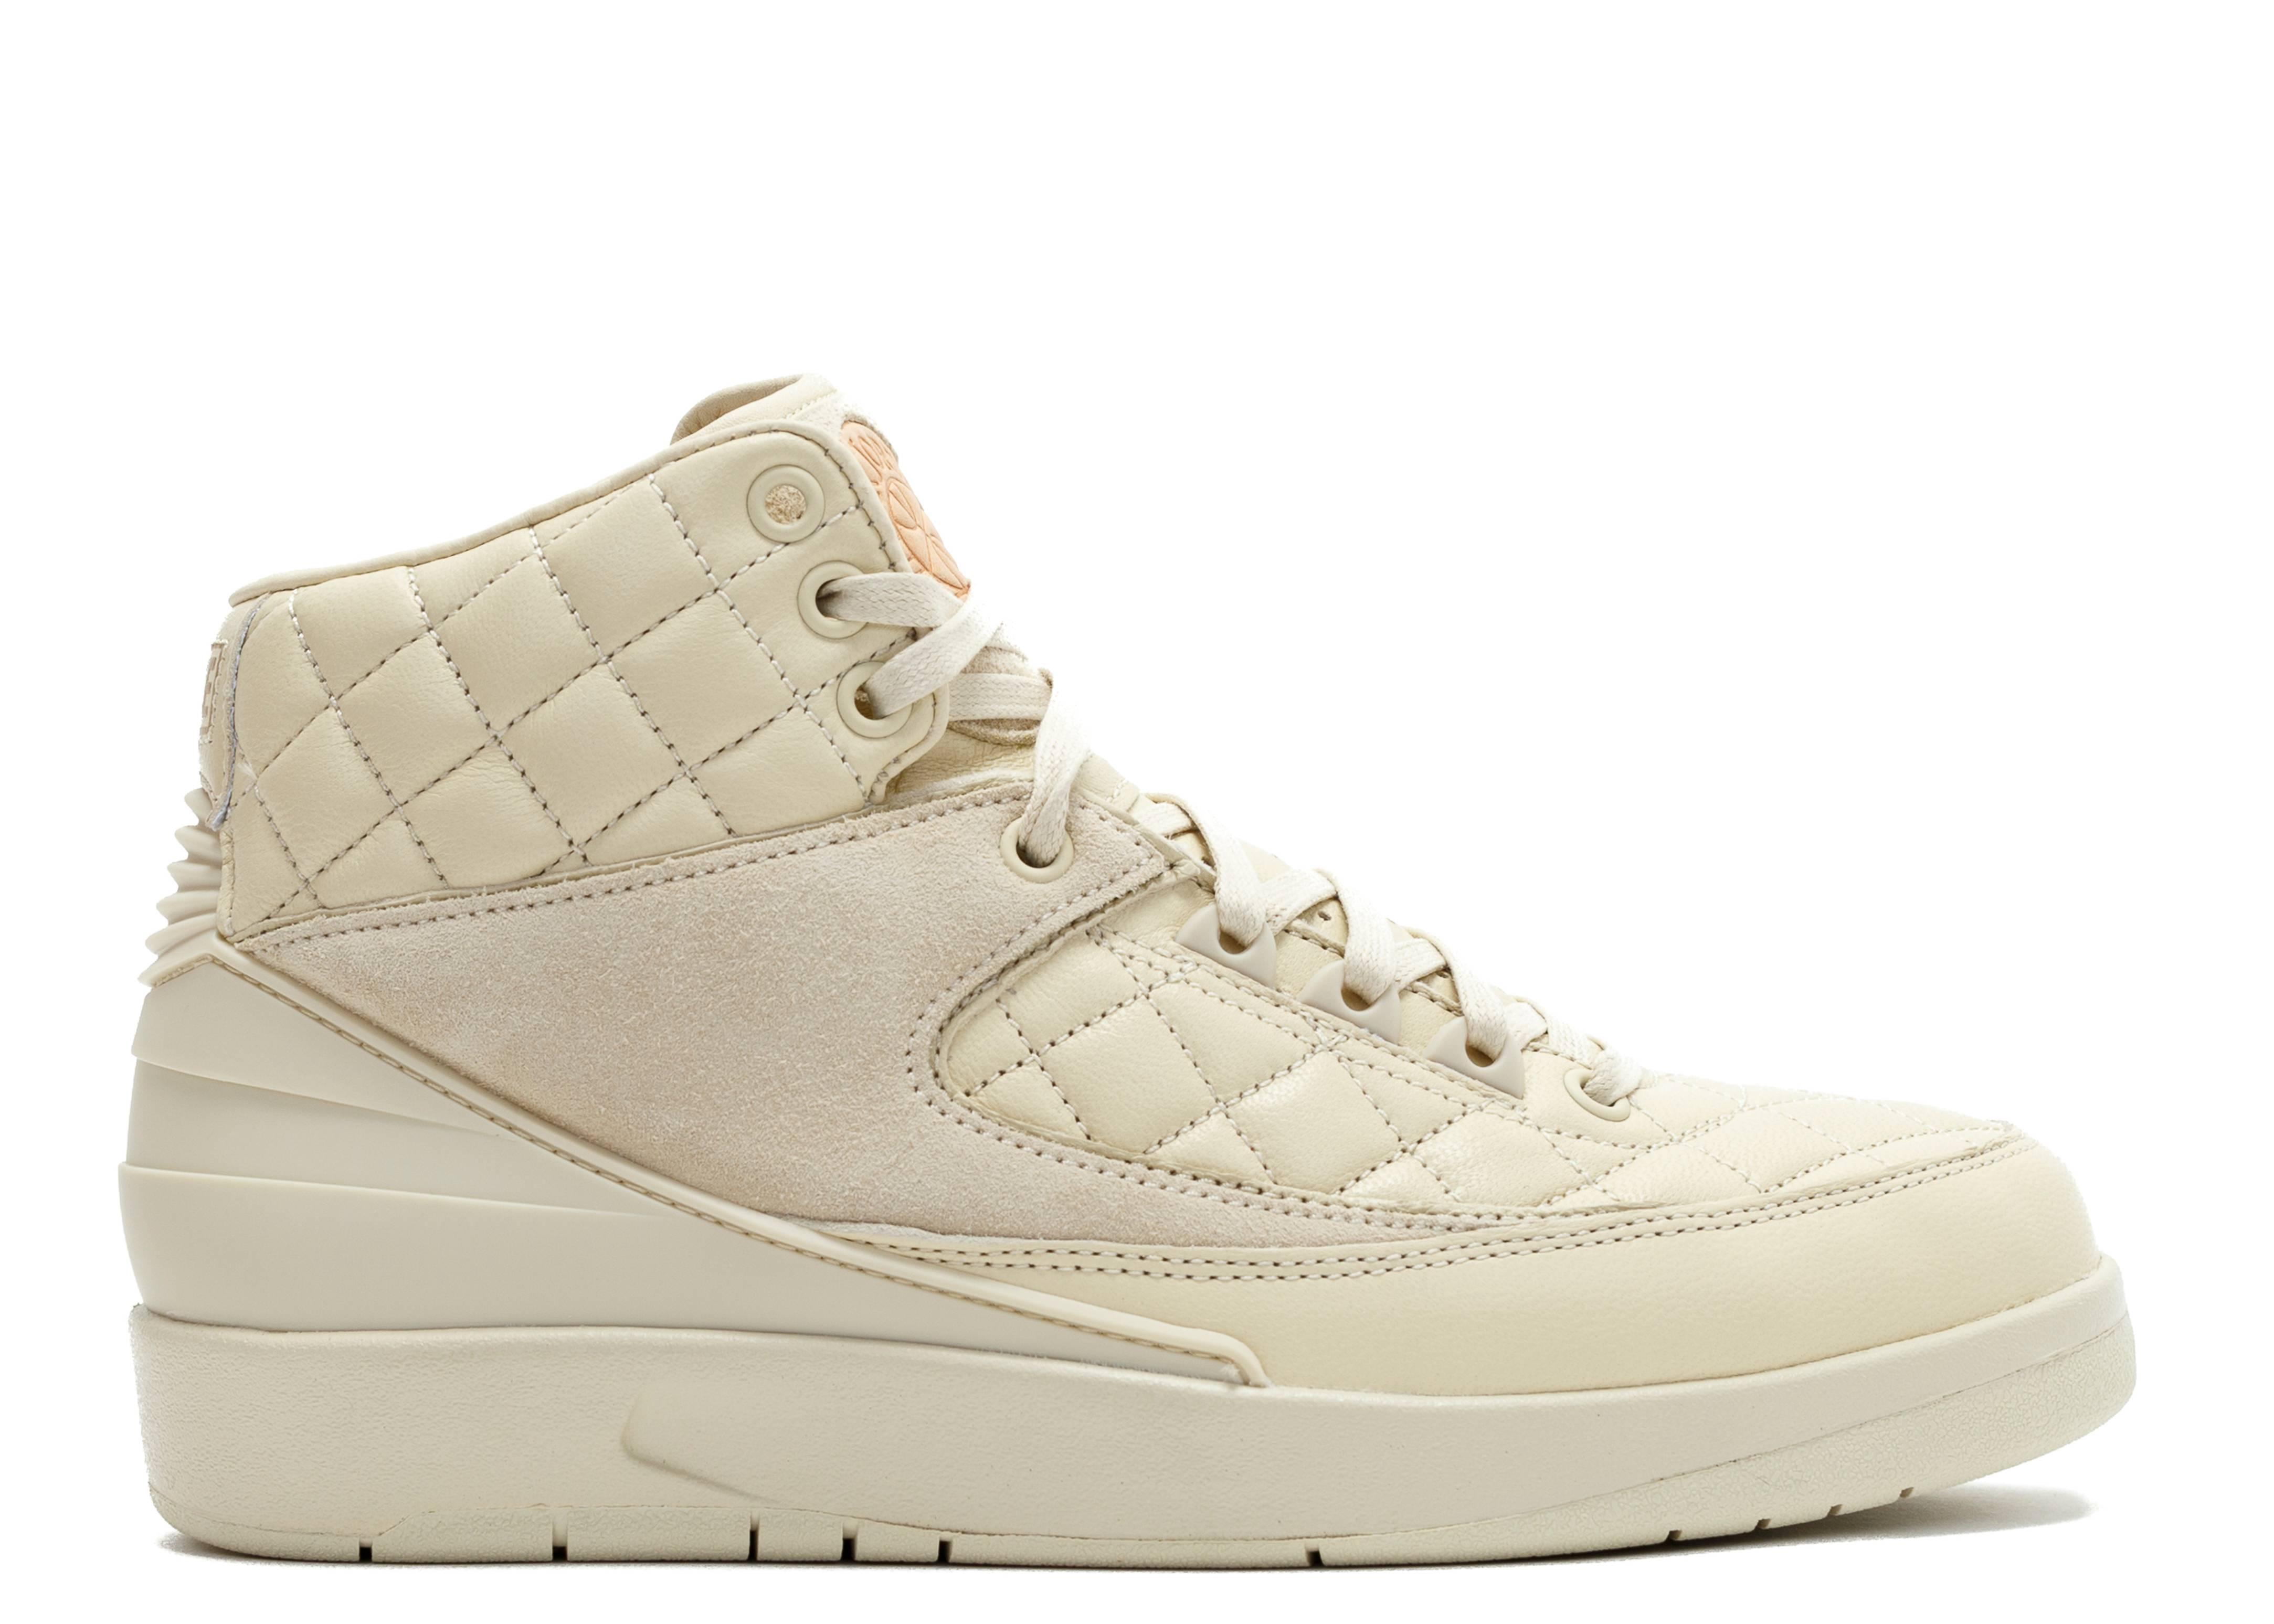 Nike Air Jordan Retro 2 Just Don Beach